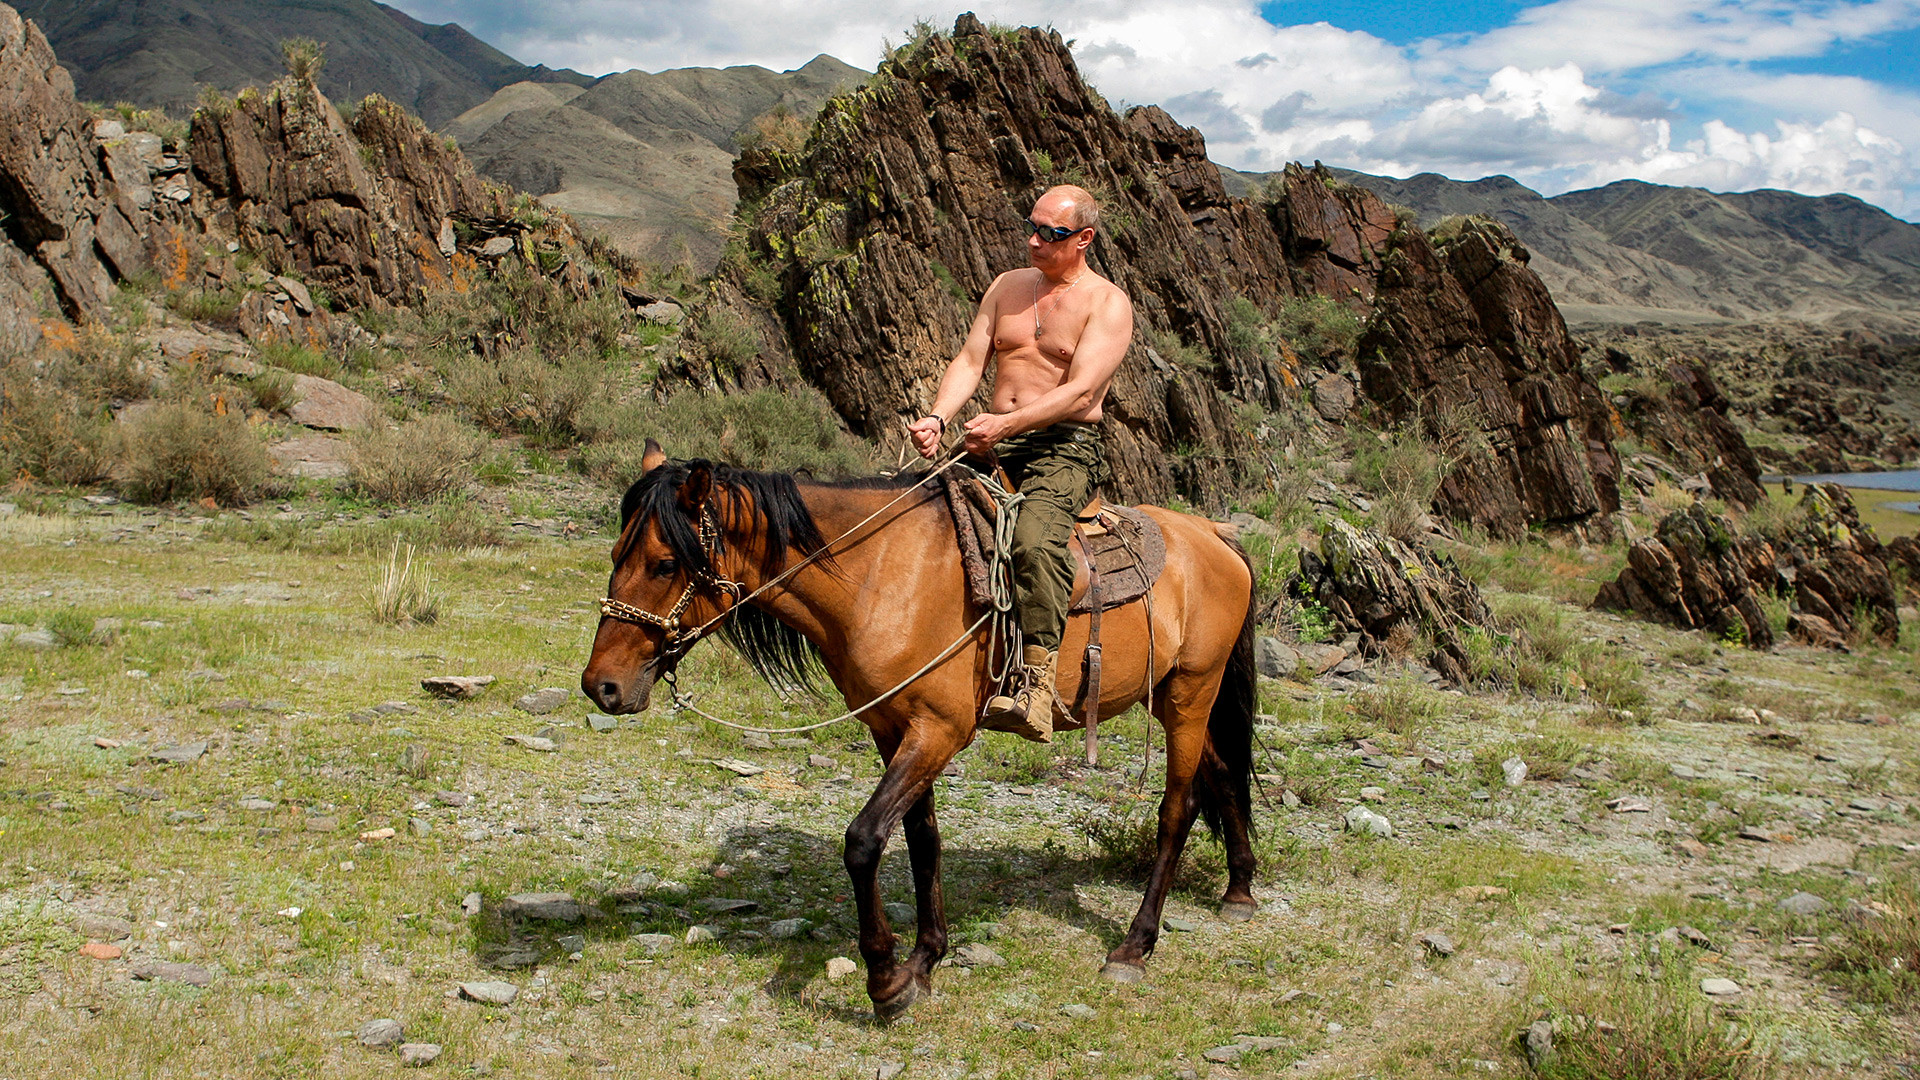 トゥヴァ共和国で馬に乗っているプーチン大統領